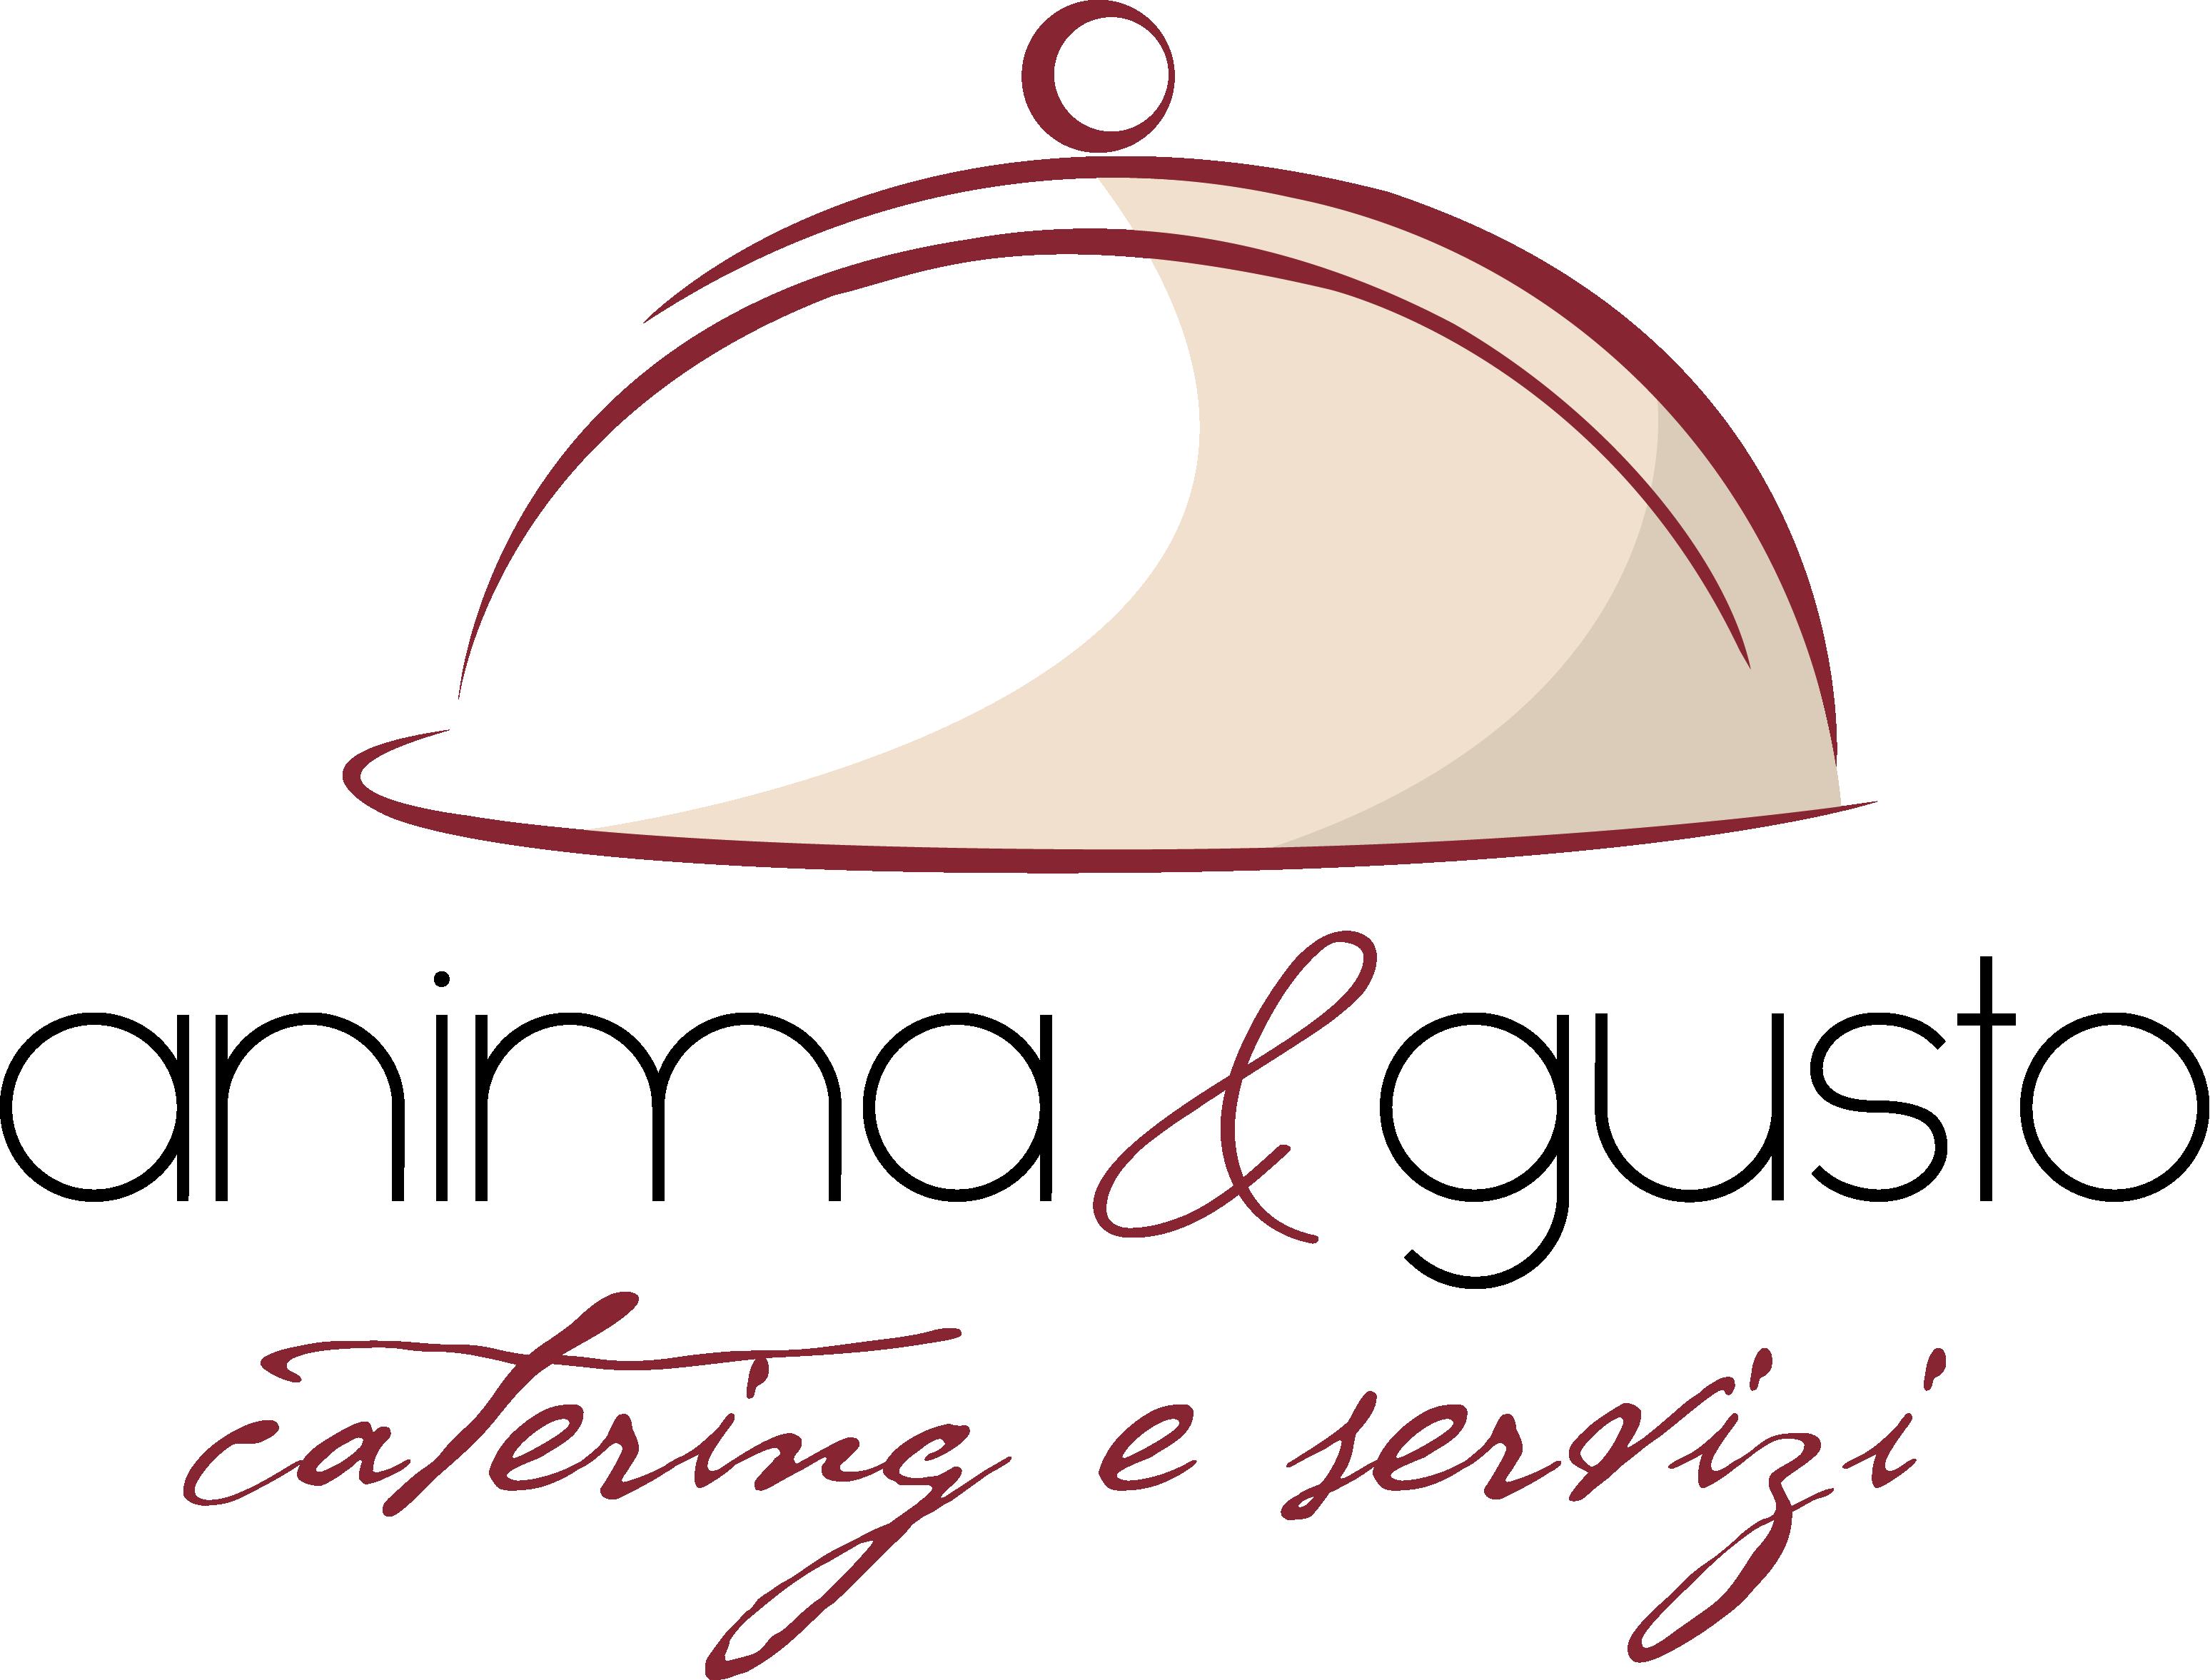 Anima e Gusto Catering